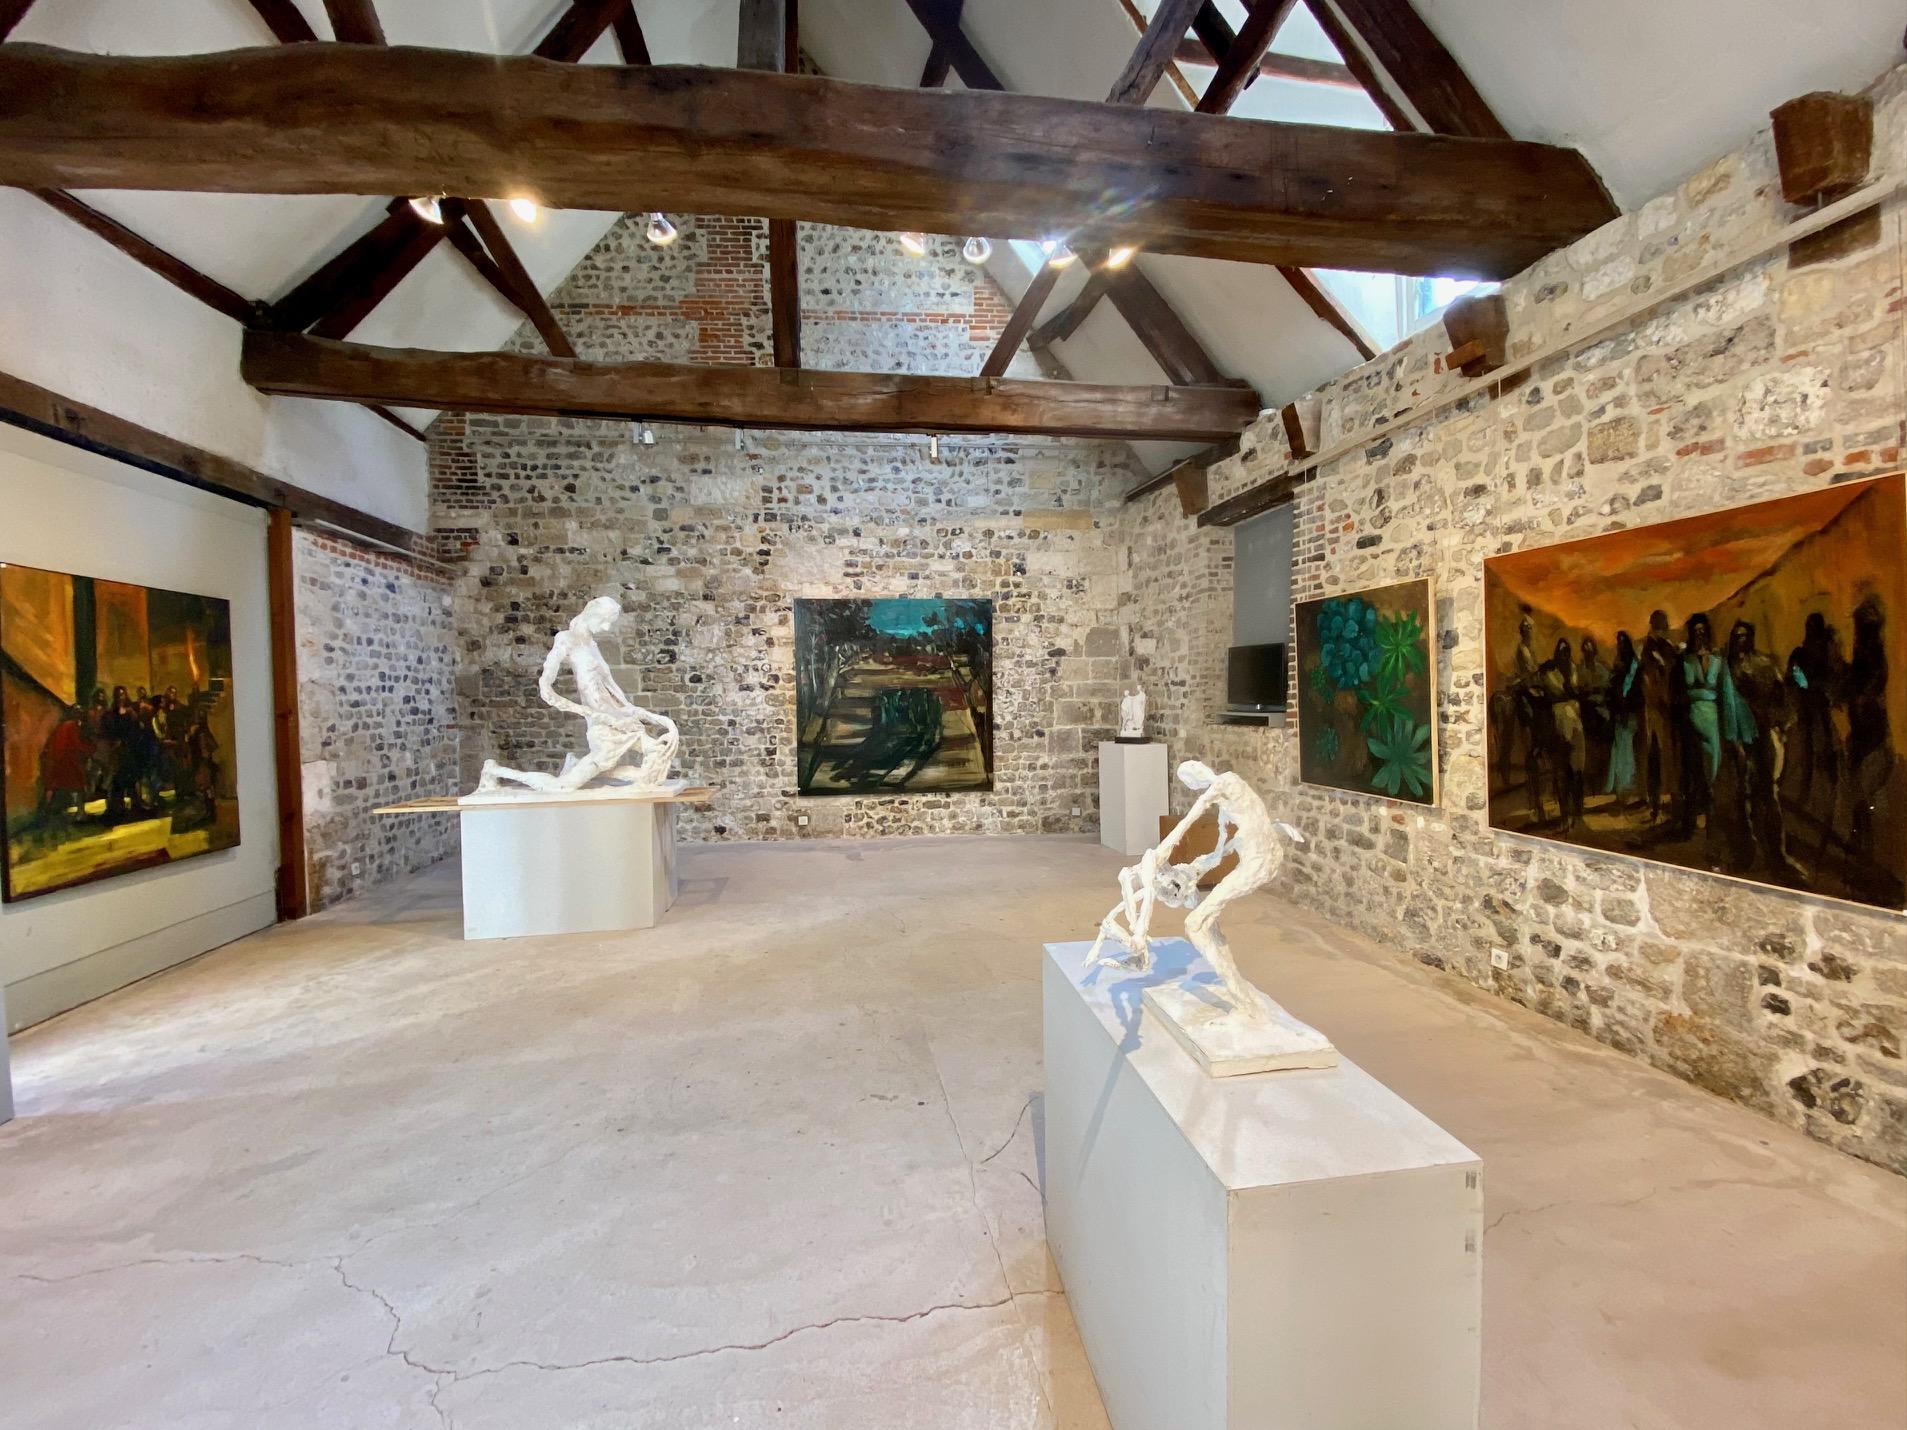 expositions à venir à la galerie danielle bourdette gorzkowski de honfleur